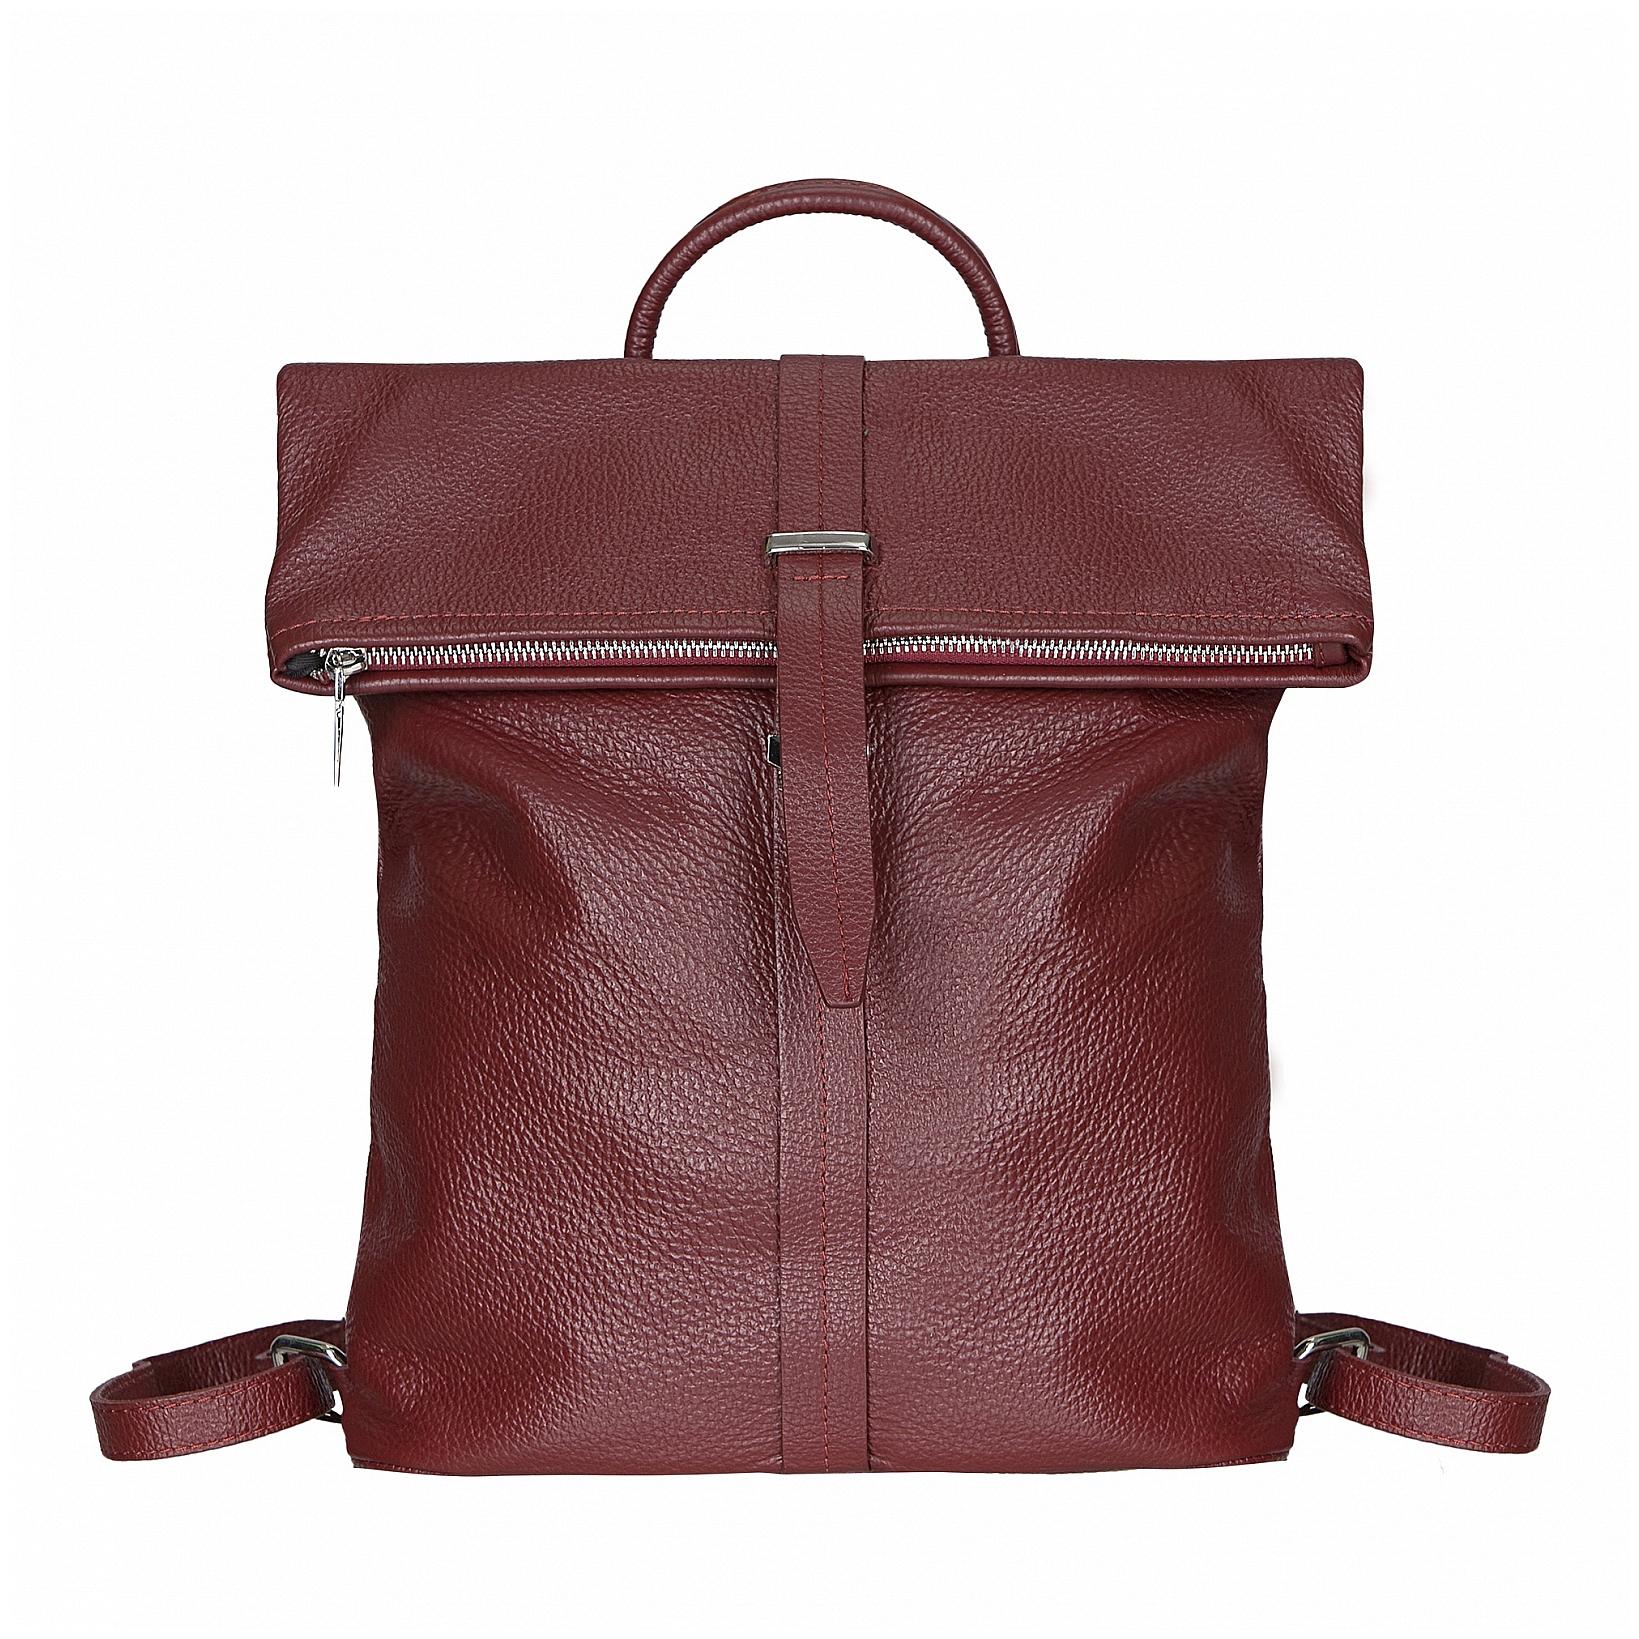 ESTELLE Dámský kožený batoh do města 1317 bordó b70719b21f